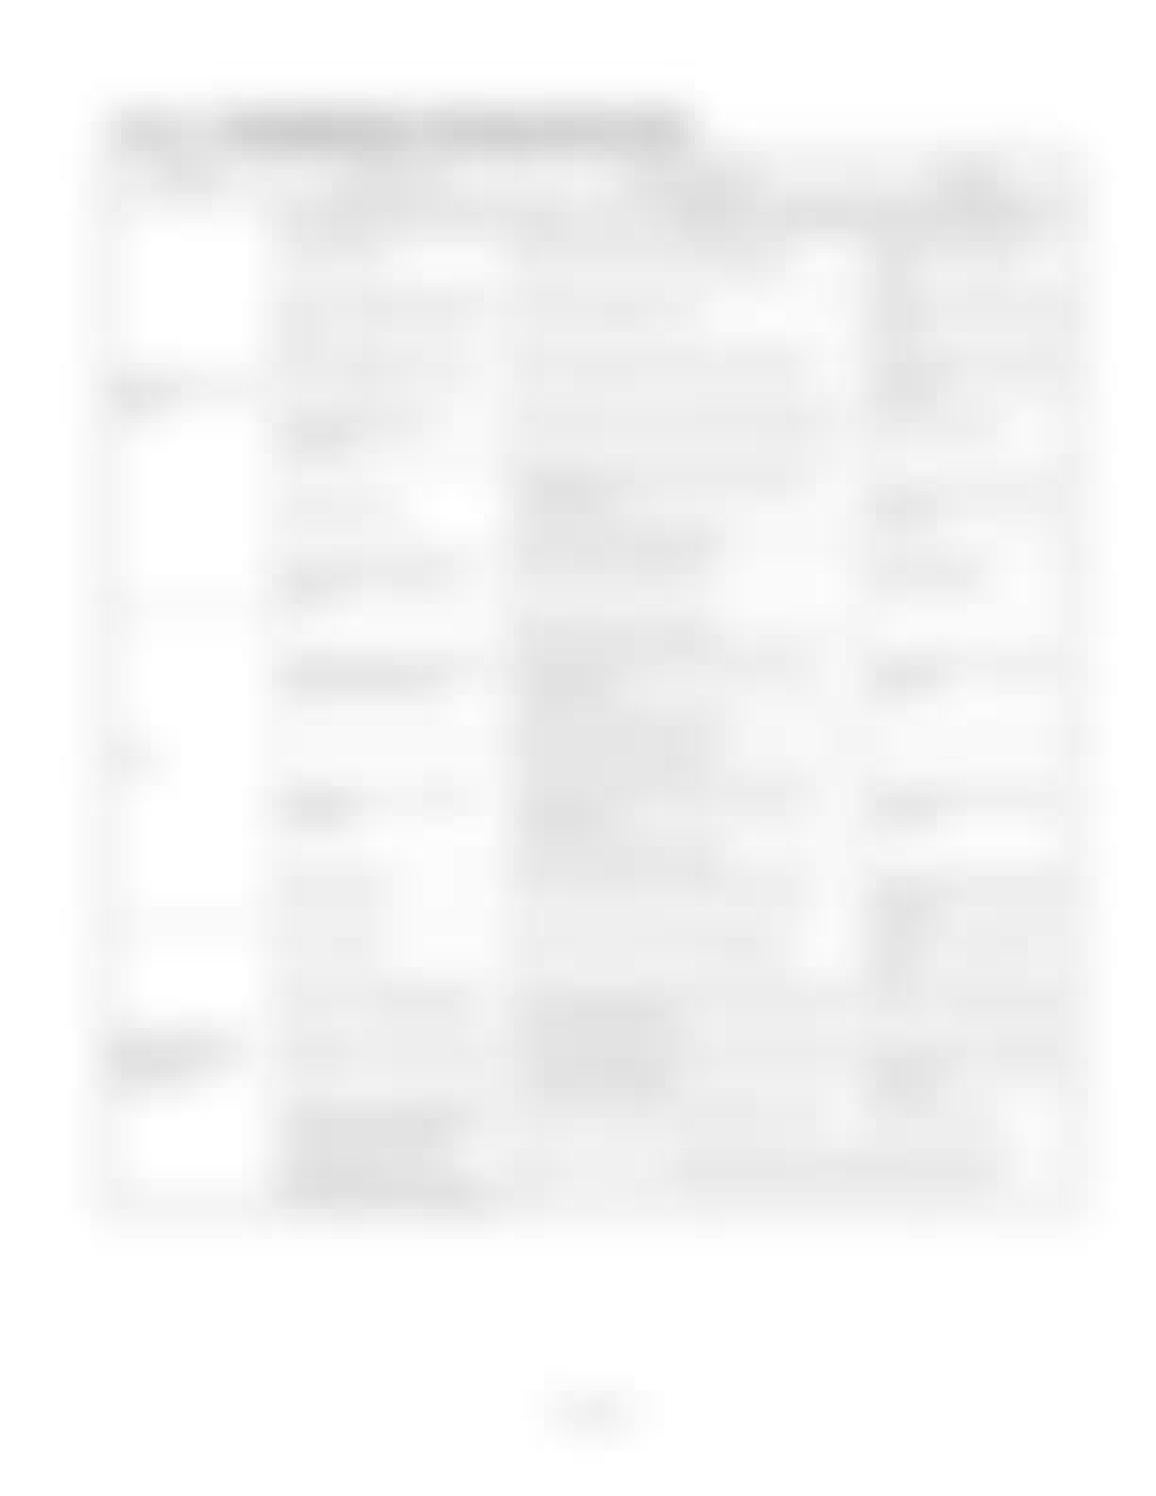 Hitachi LX110-7 LX130-7 LX160-7 LX190-7 LX230-7 Wheel Loader Workshop Manual - PDF DOWNLOAD page 87